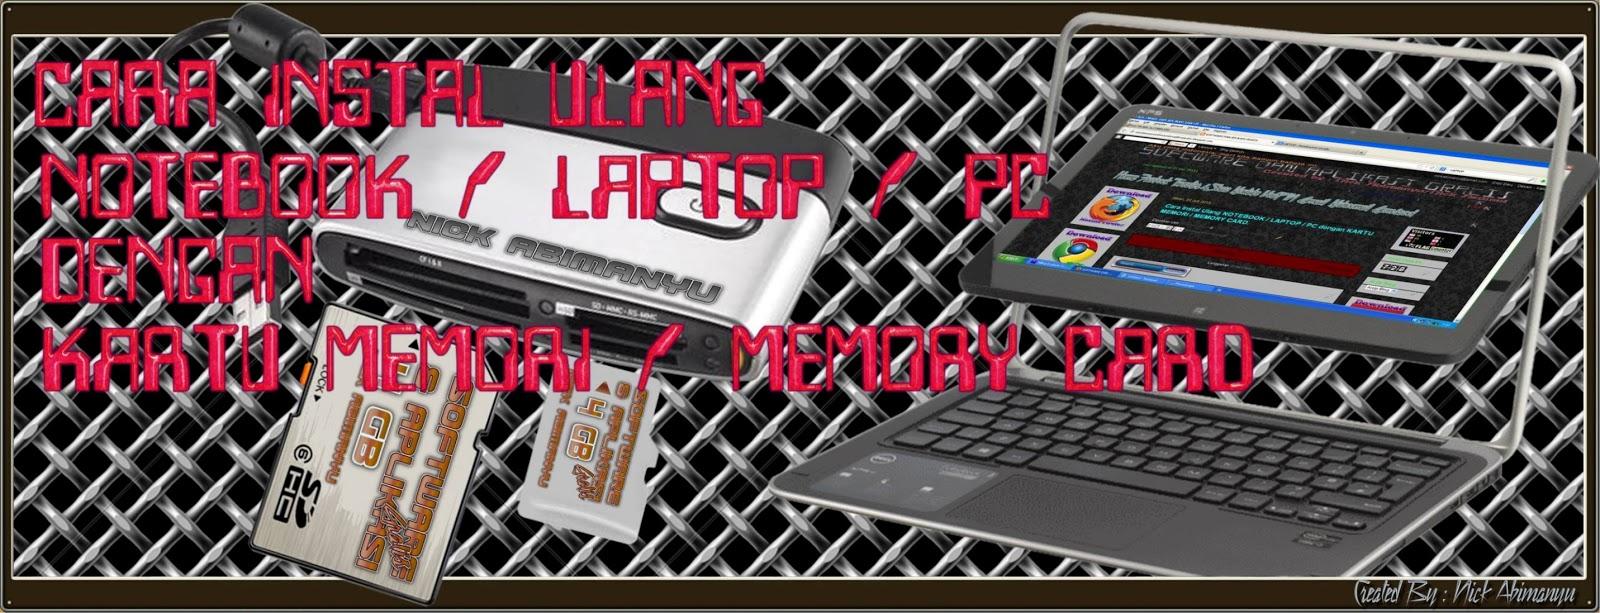 Cara Instal Ulang NOTEBOOK / LAPTOP / PC dengan KARTU MEMORI / MEMORY ...